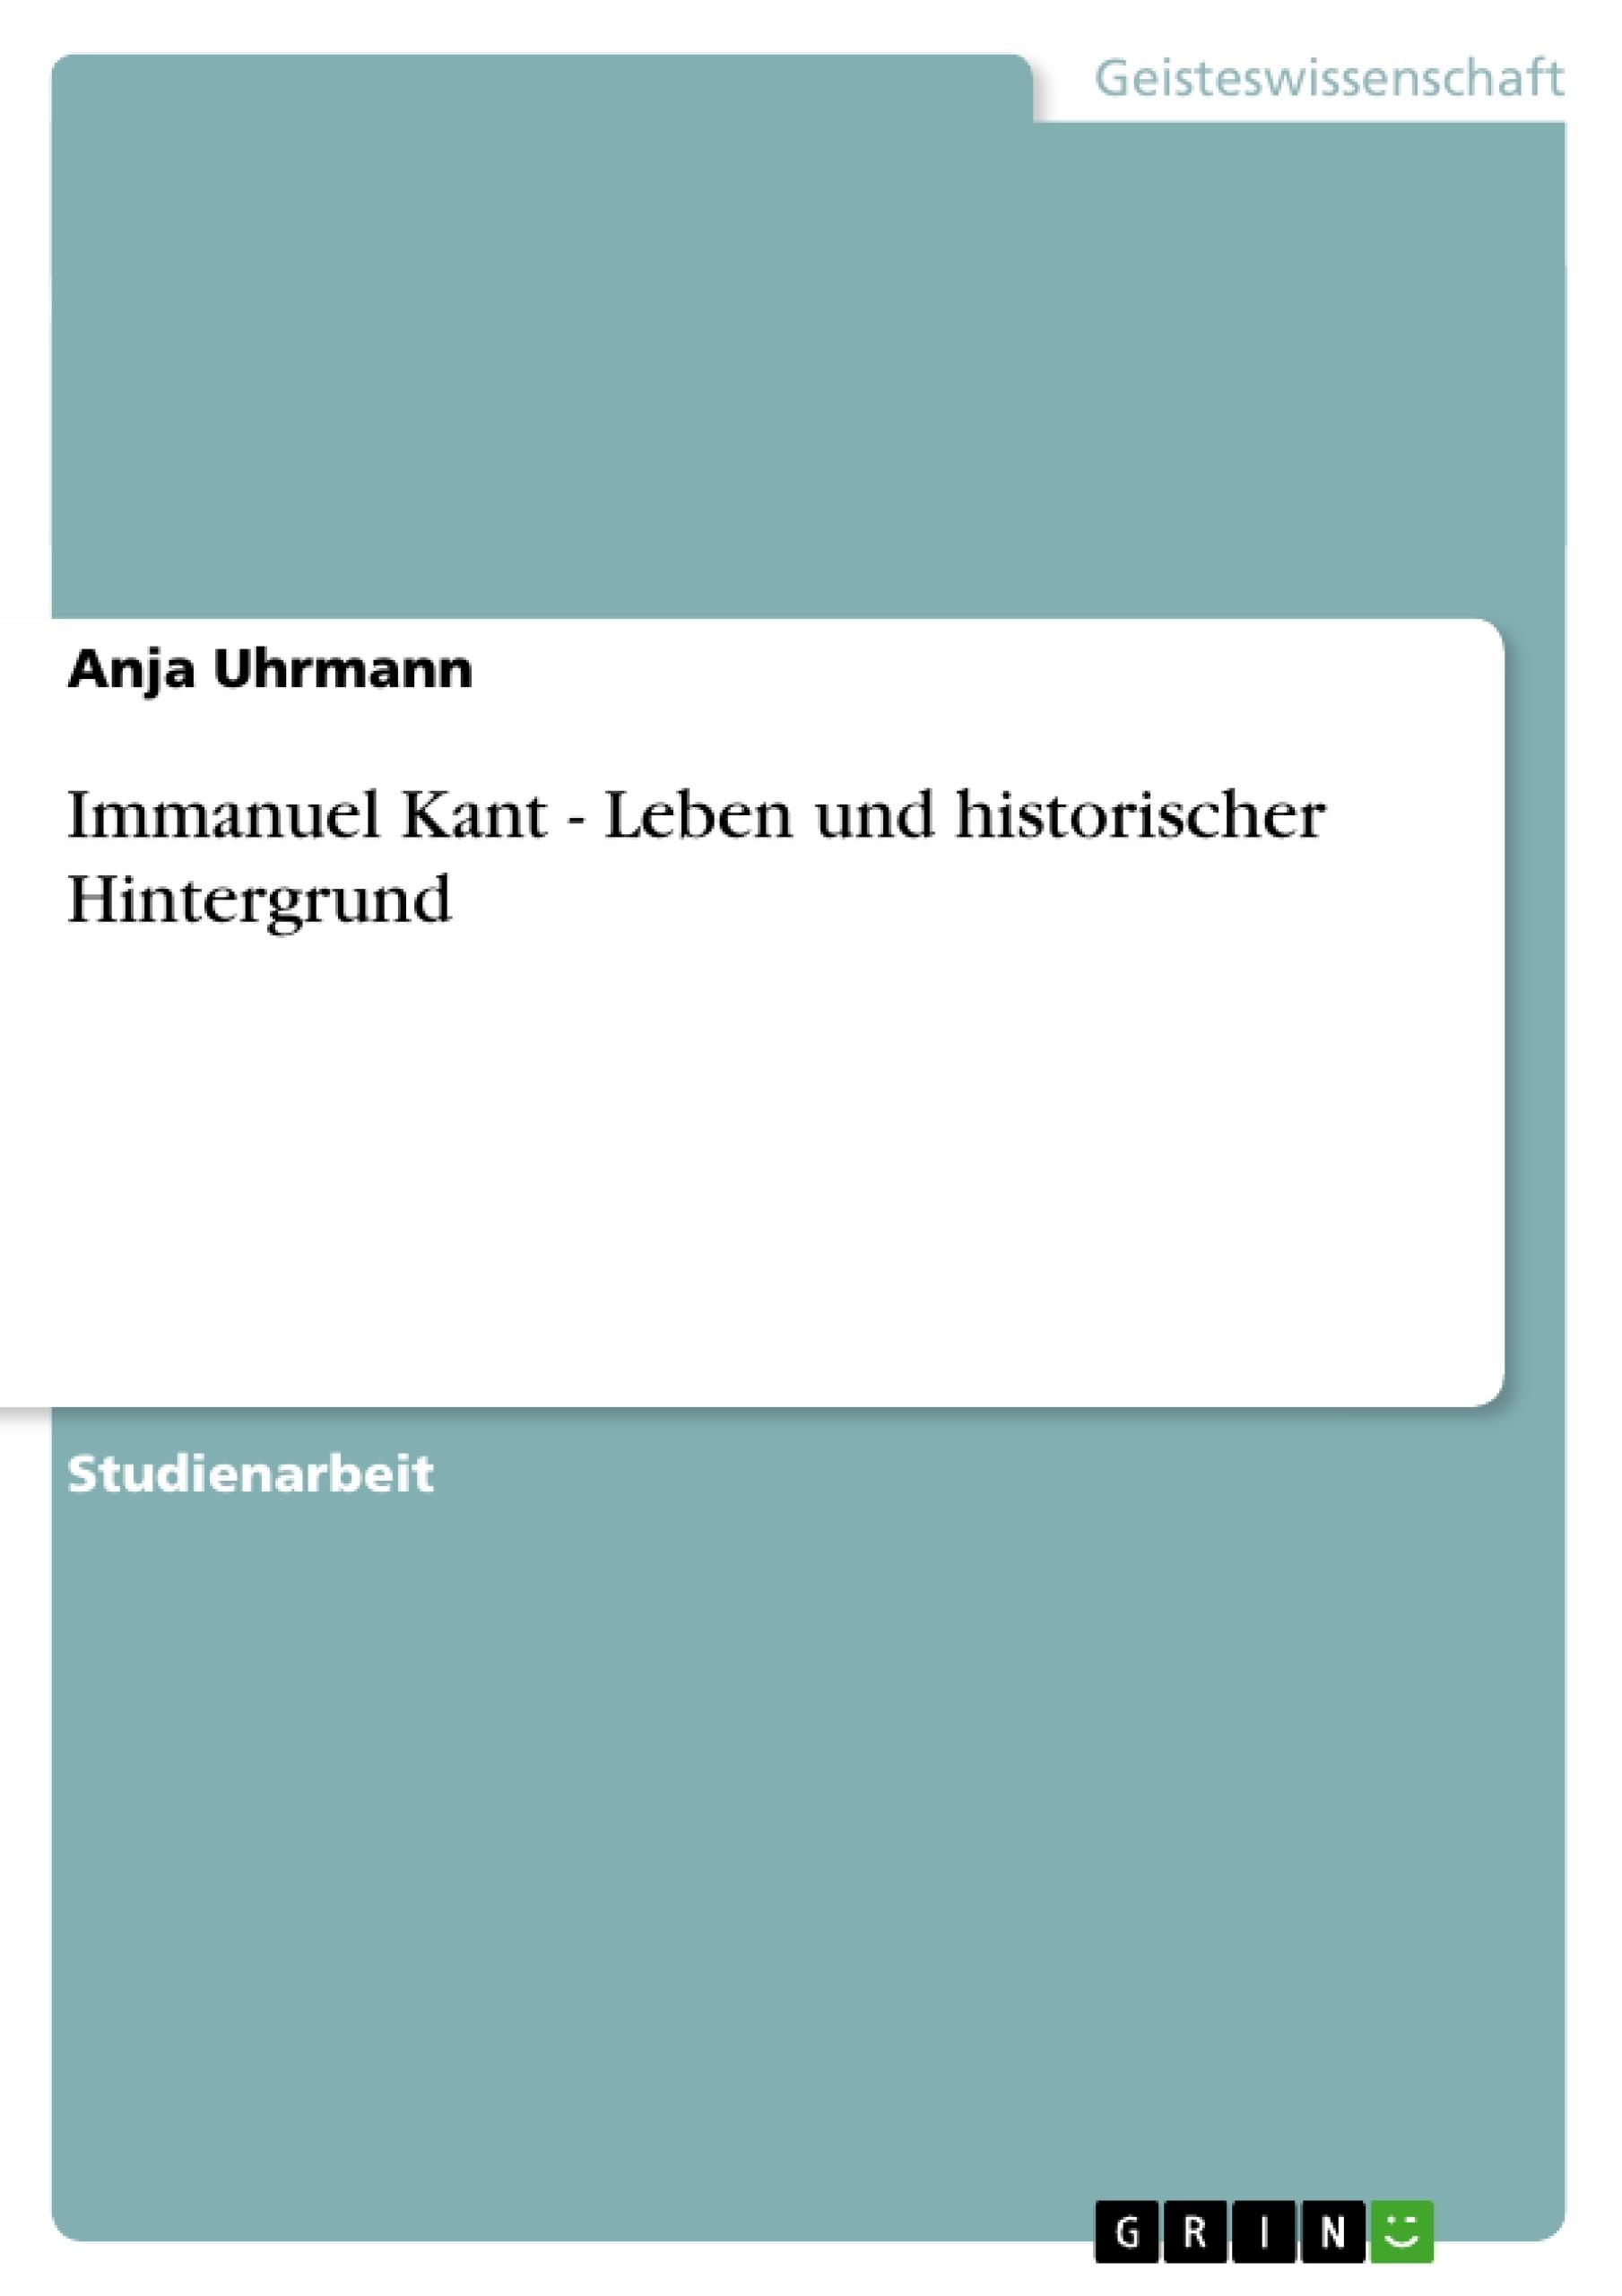 Titel: Immanuel Kant - Leben und historischer Hintergrund